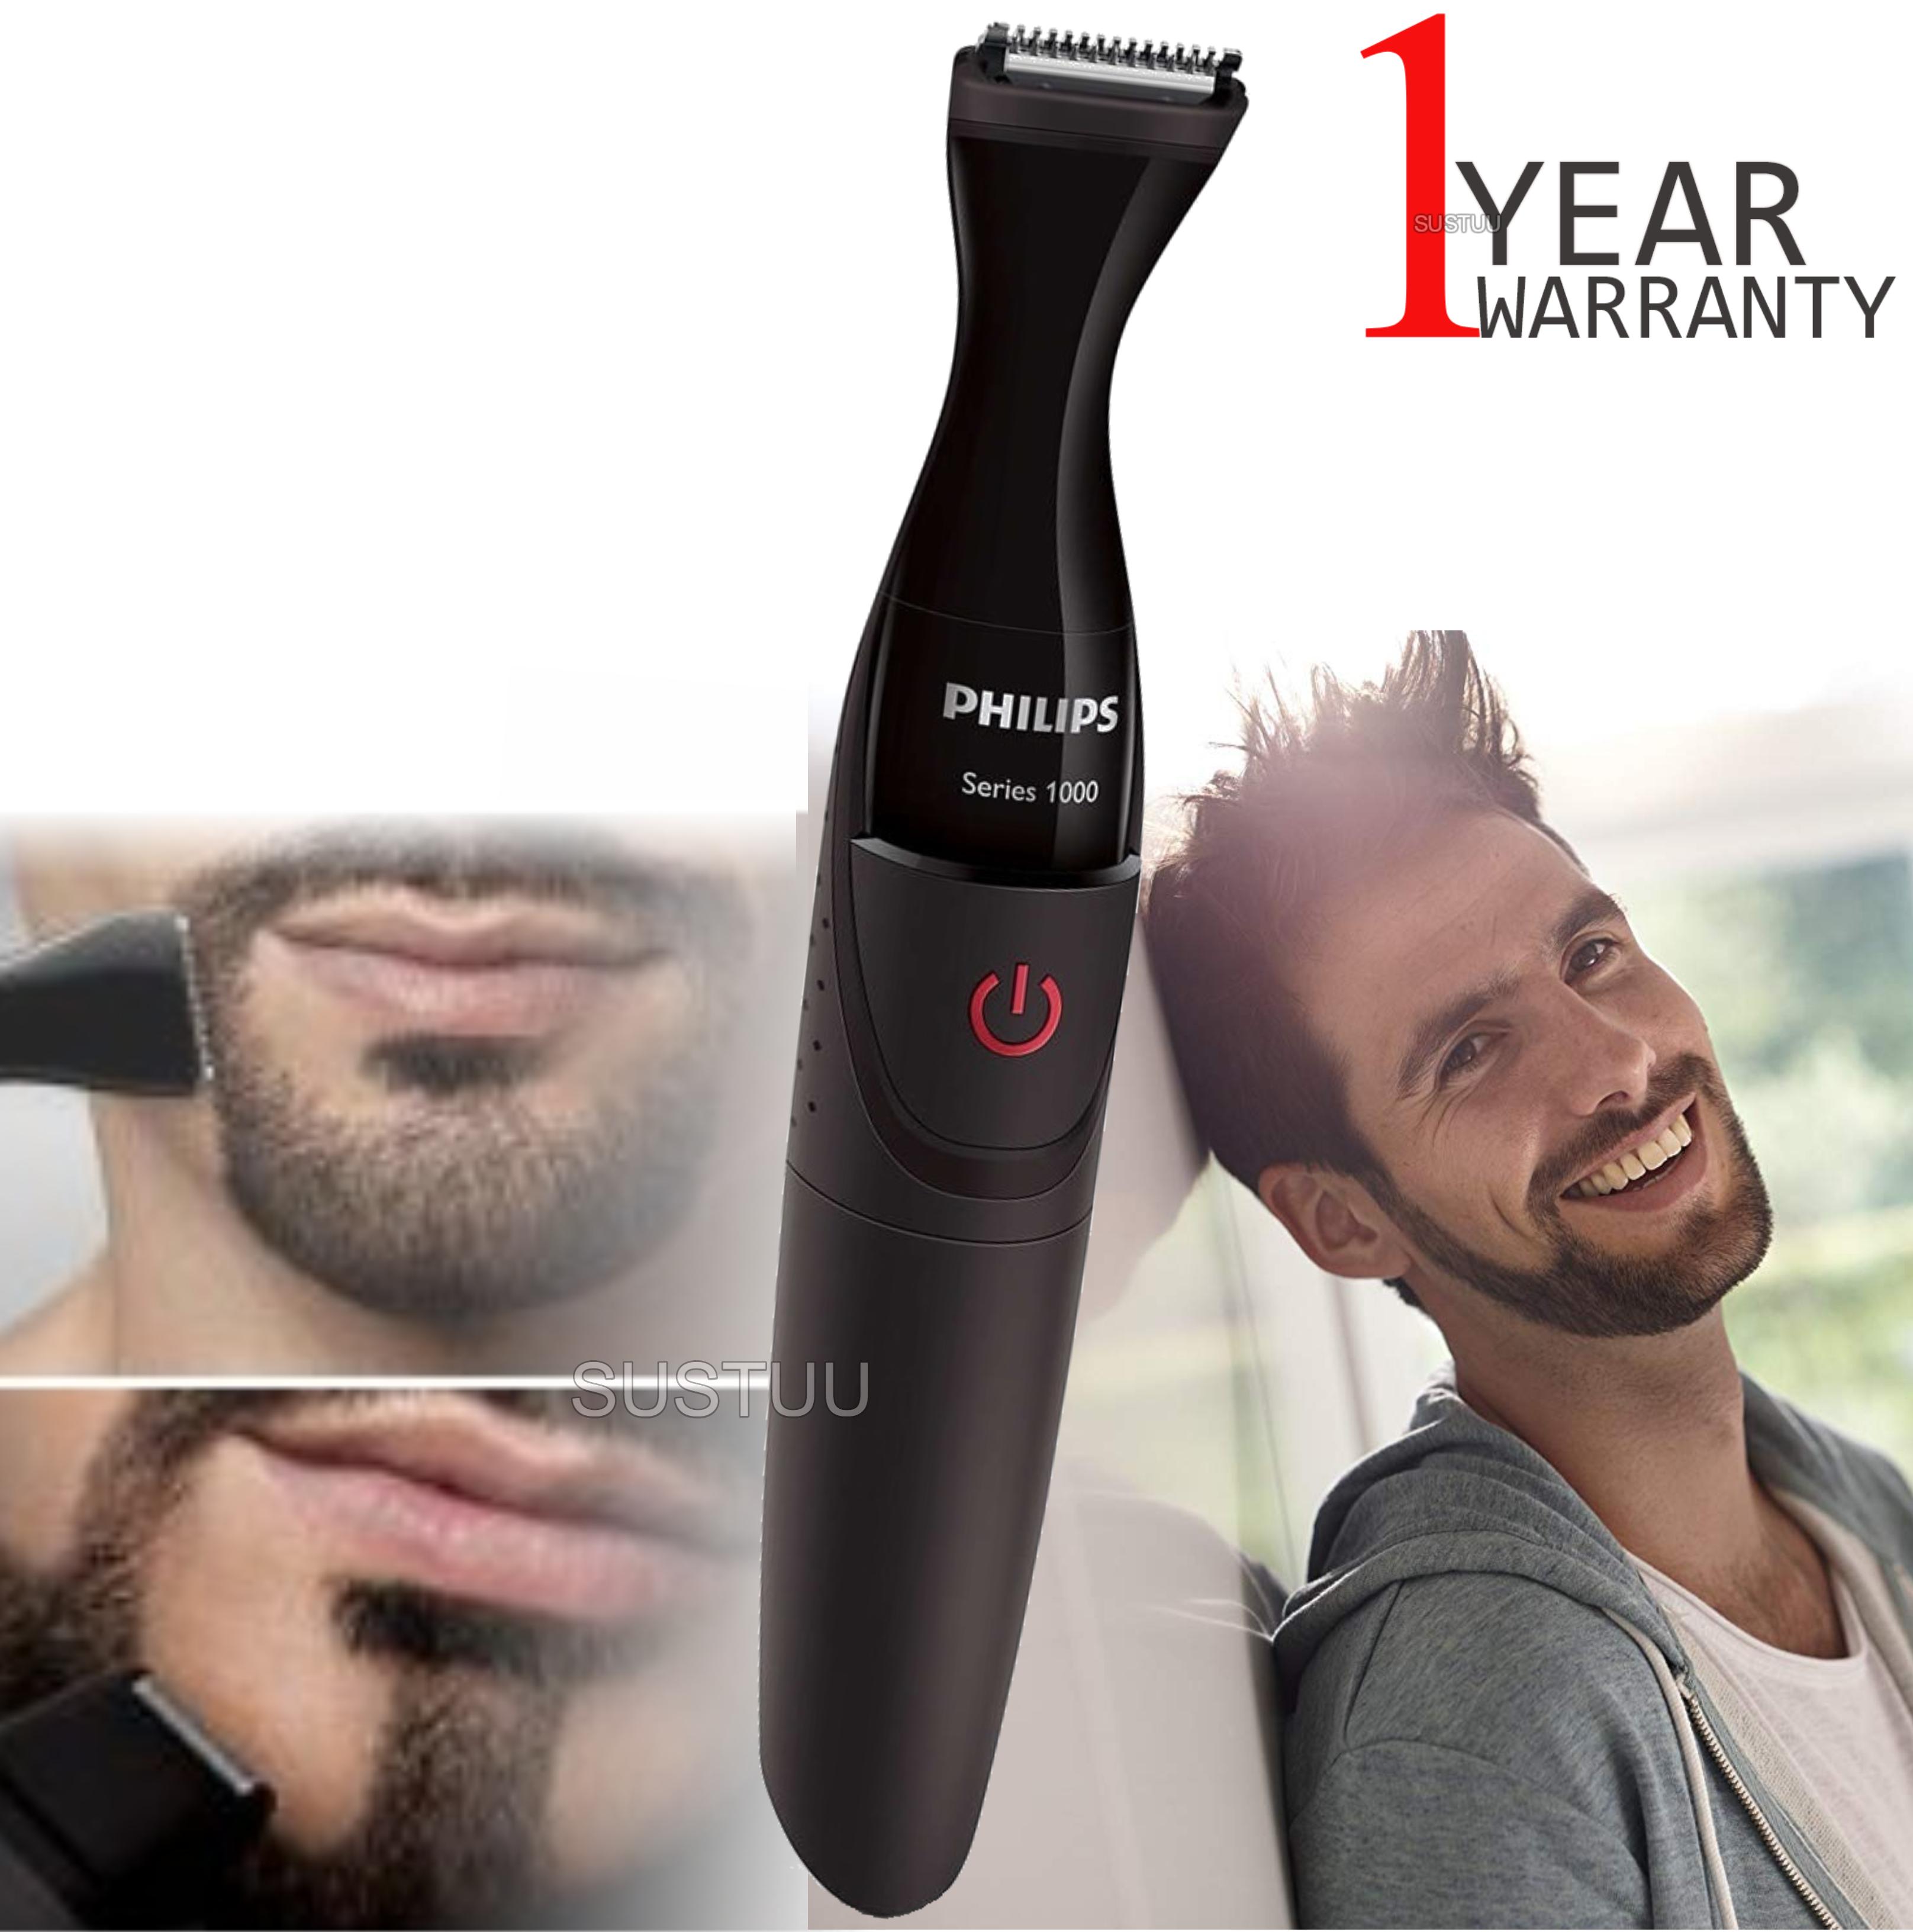 Philips Multigroom Ultra Precise Beard Styler | Trimmer/Shaver/Shaper | Washable | NEW